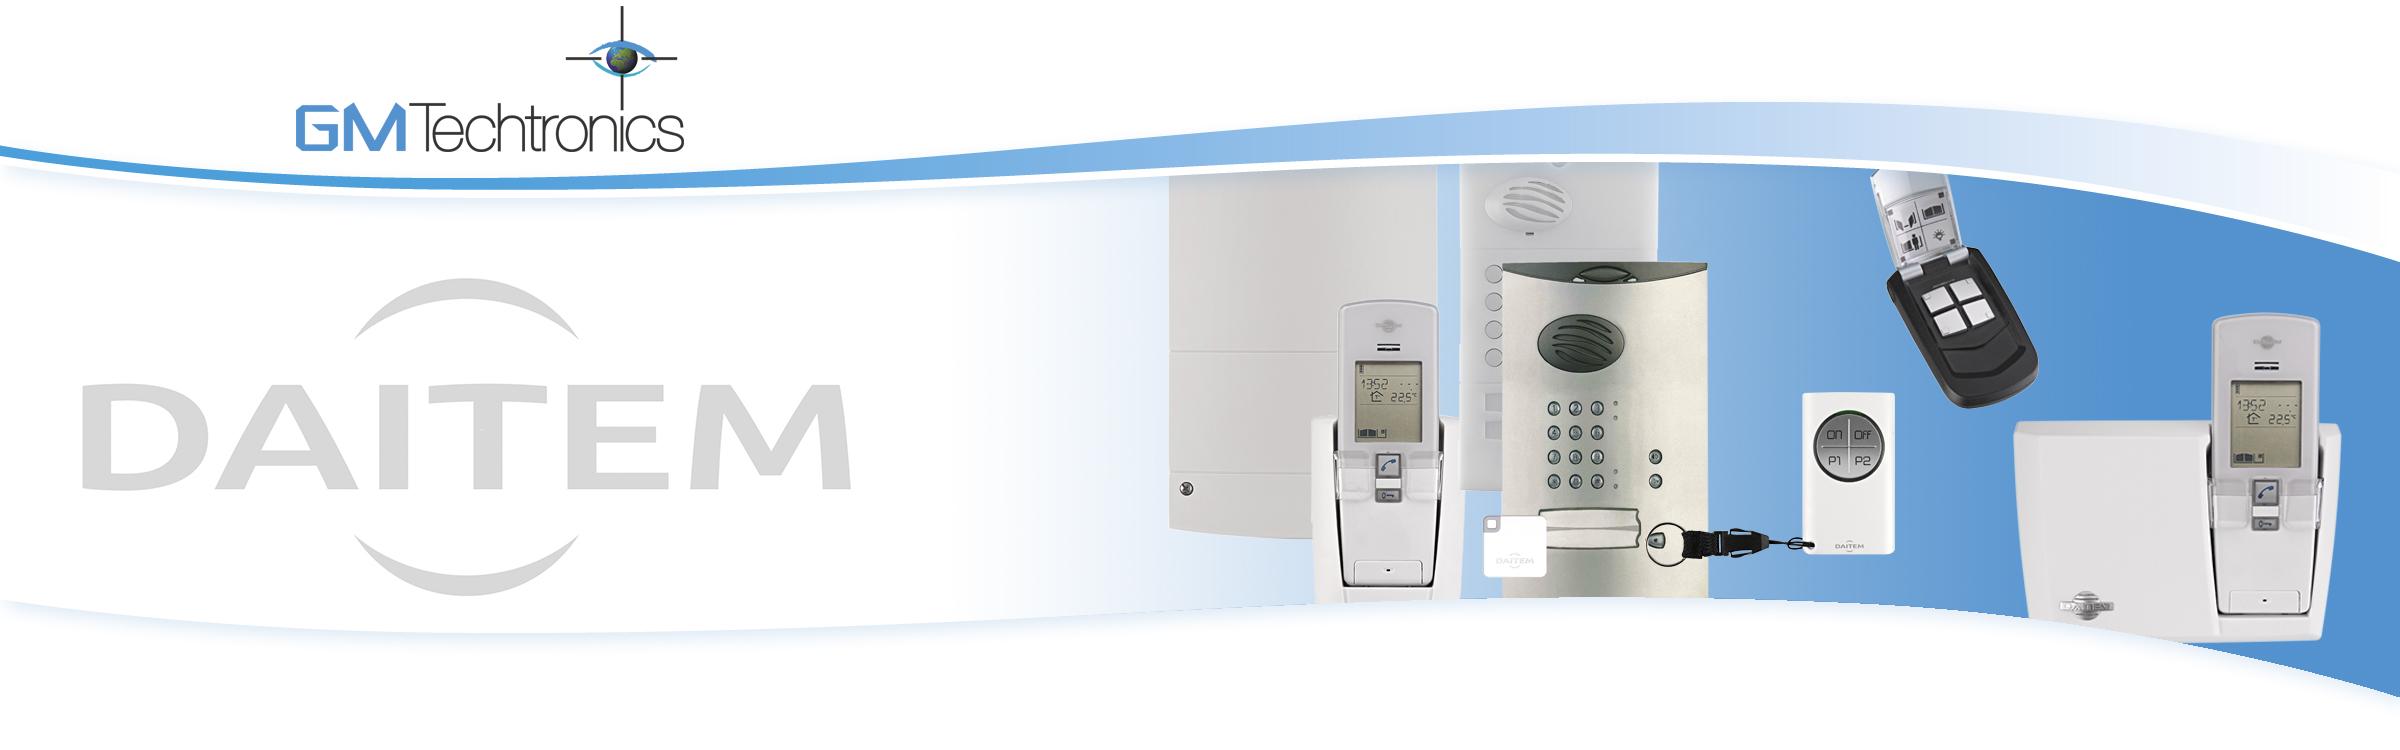 GM-Tech-slide-doorphone-new